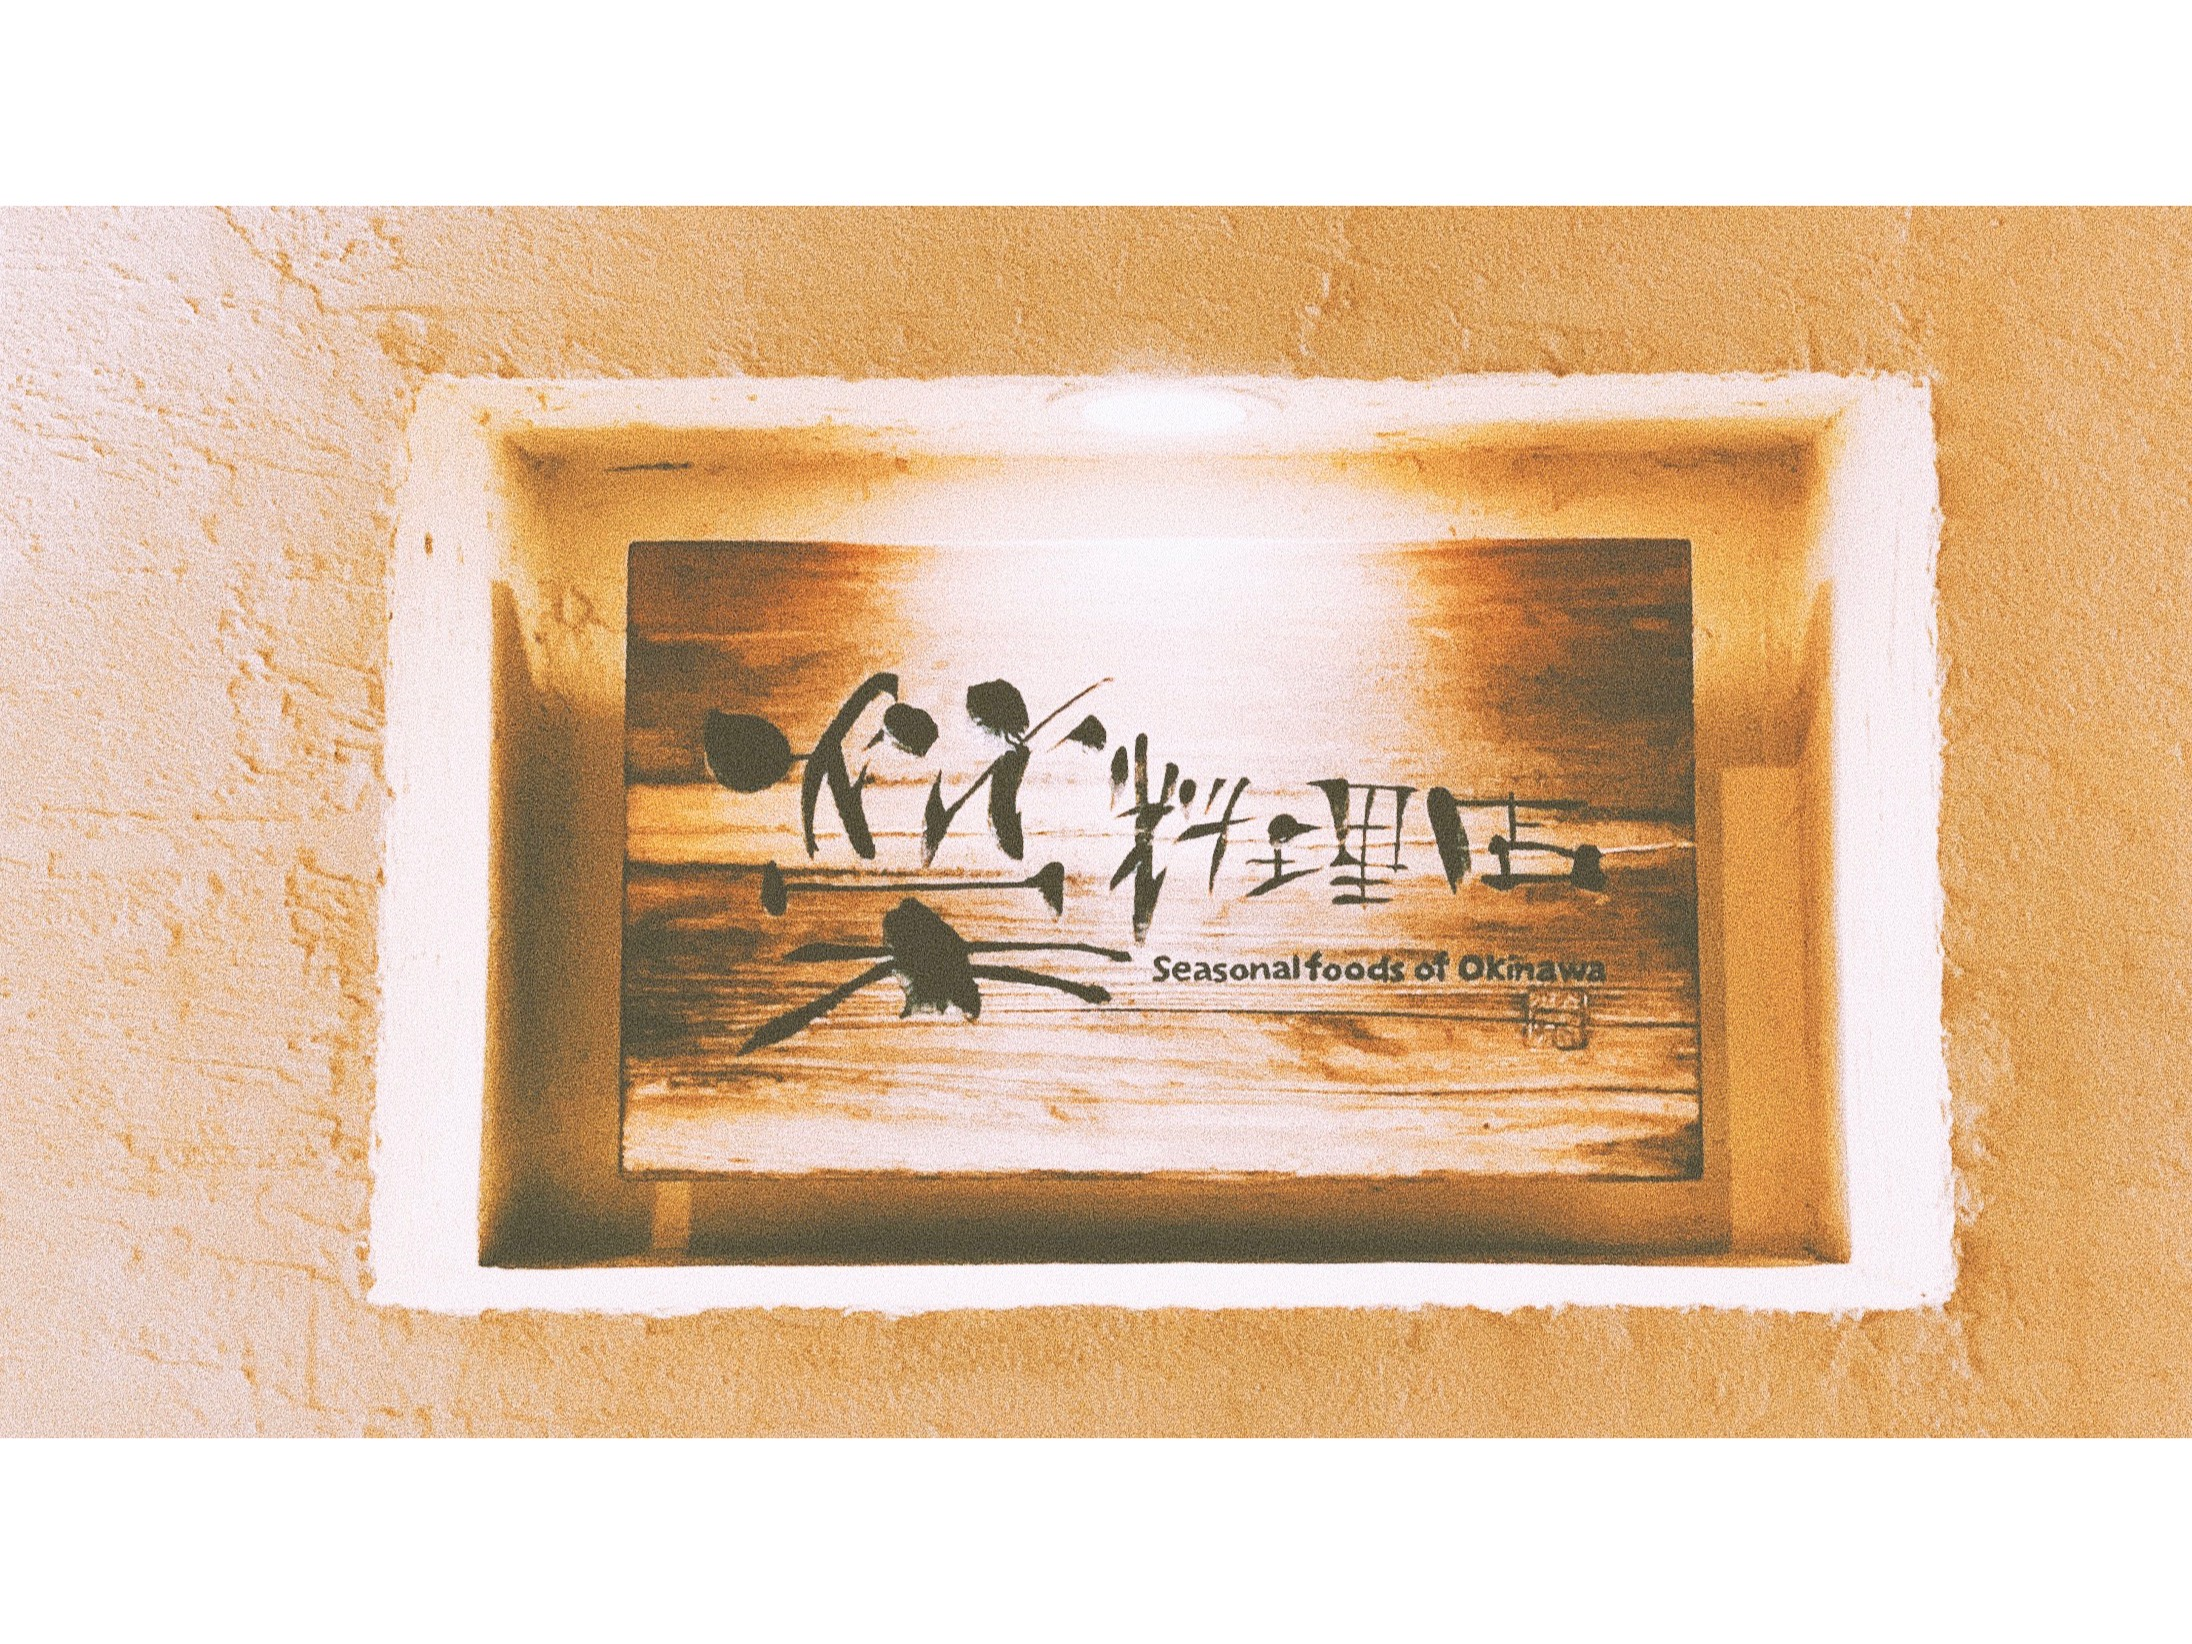 【うるま市】榮料理店で絶品の沖縄料理を食す!